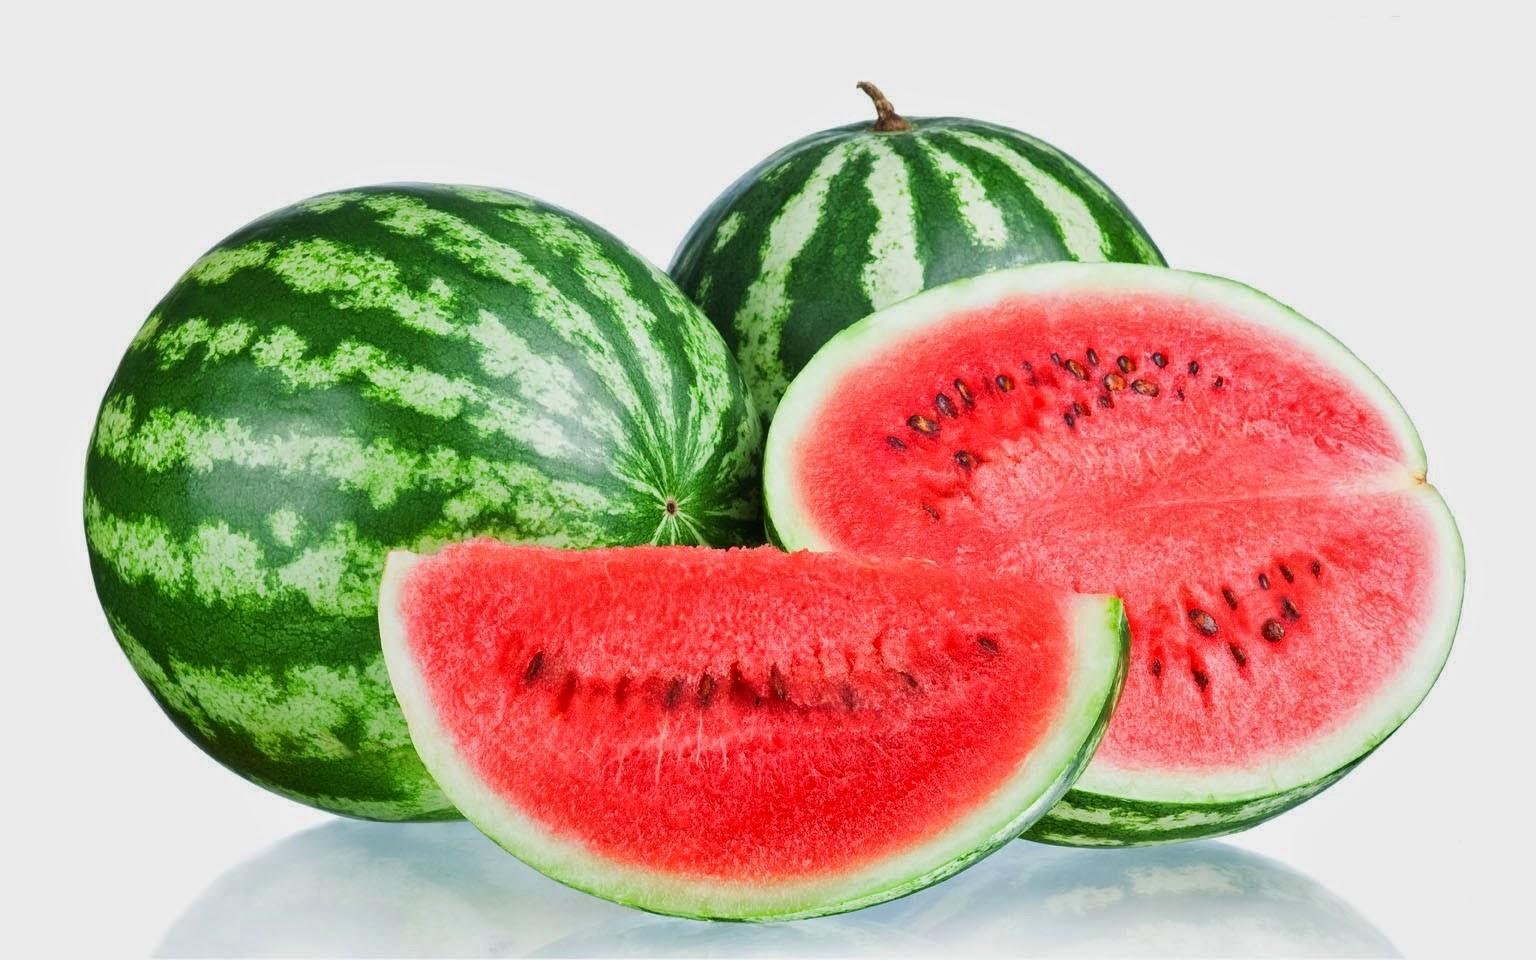 manfaat semangka bagi kesehatan